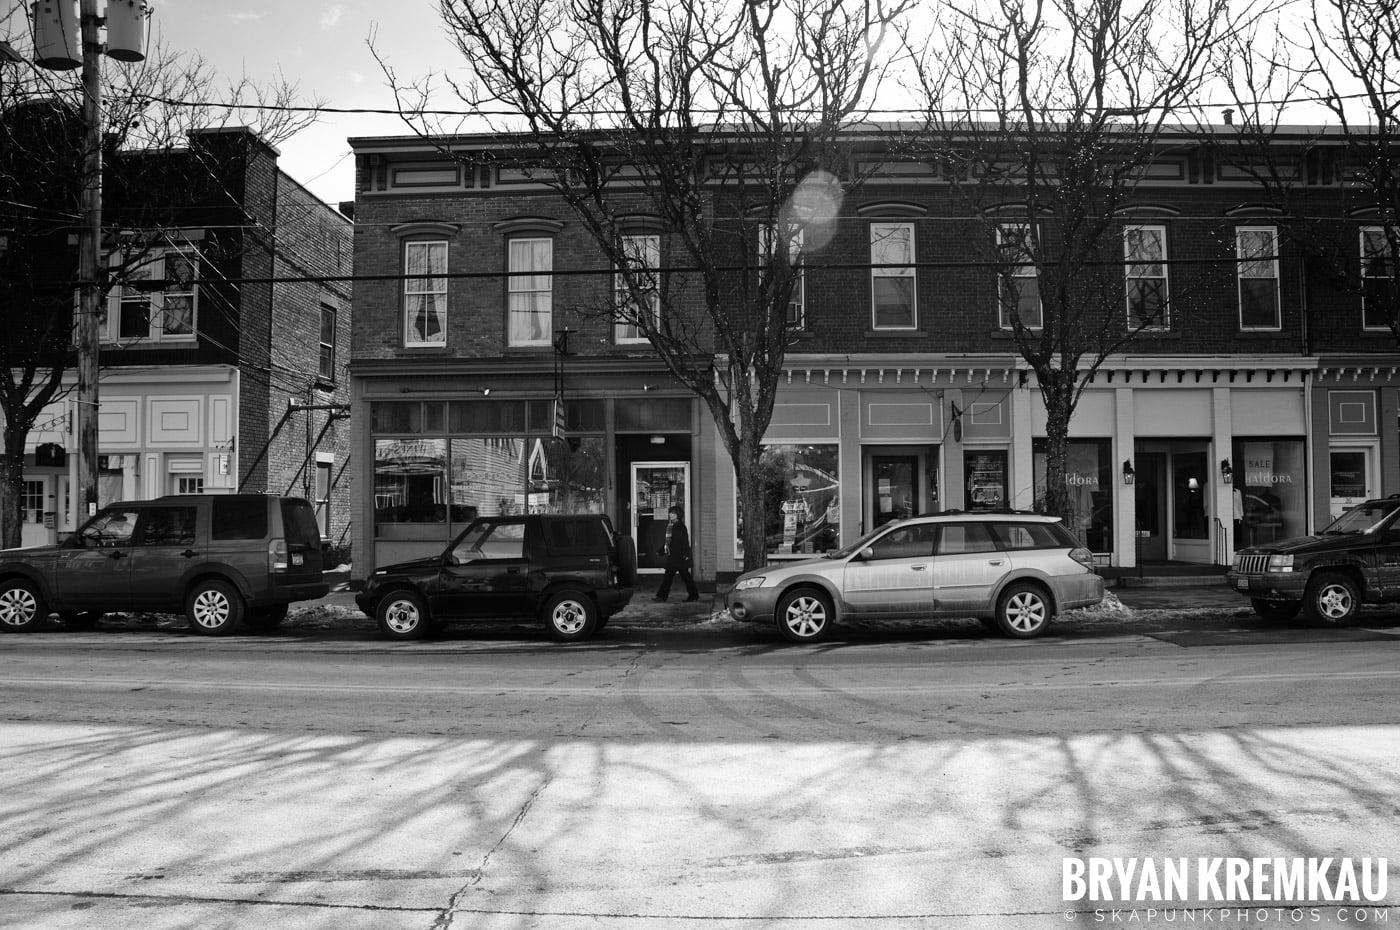 Valentine's Day Trip @ Rhinebeck, FDR's Home, Vanderbilt, Wilderstein Historic Site, NY - 2.14.10 (57)